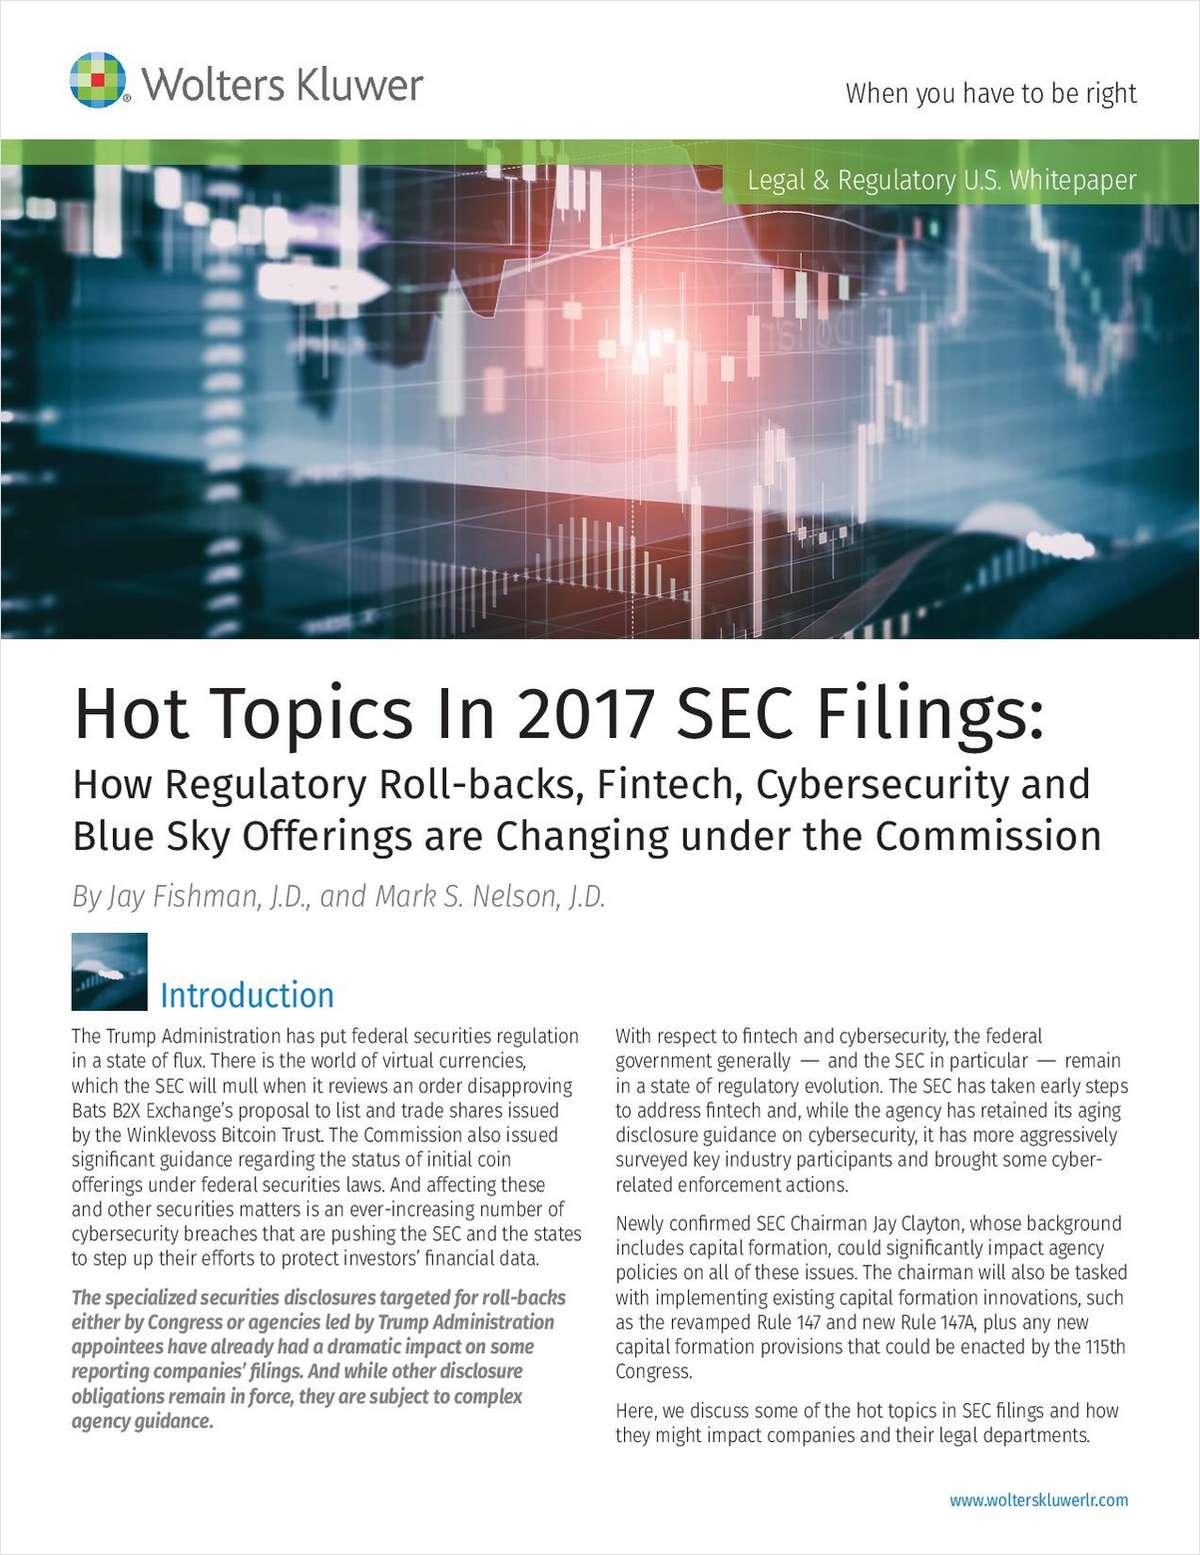 Hot Topics in 2017 SEC Filings